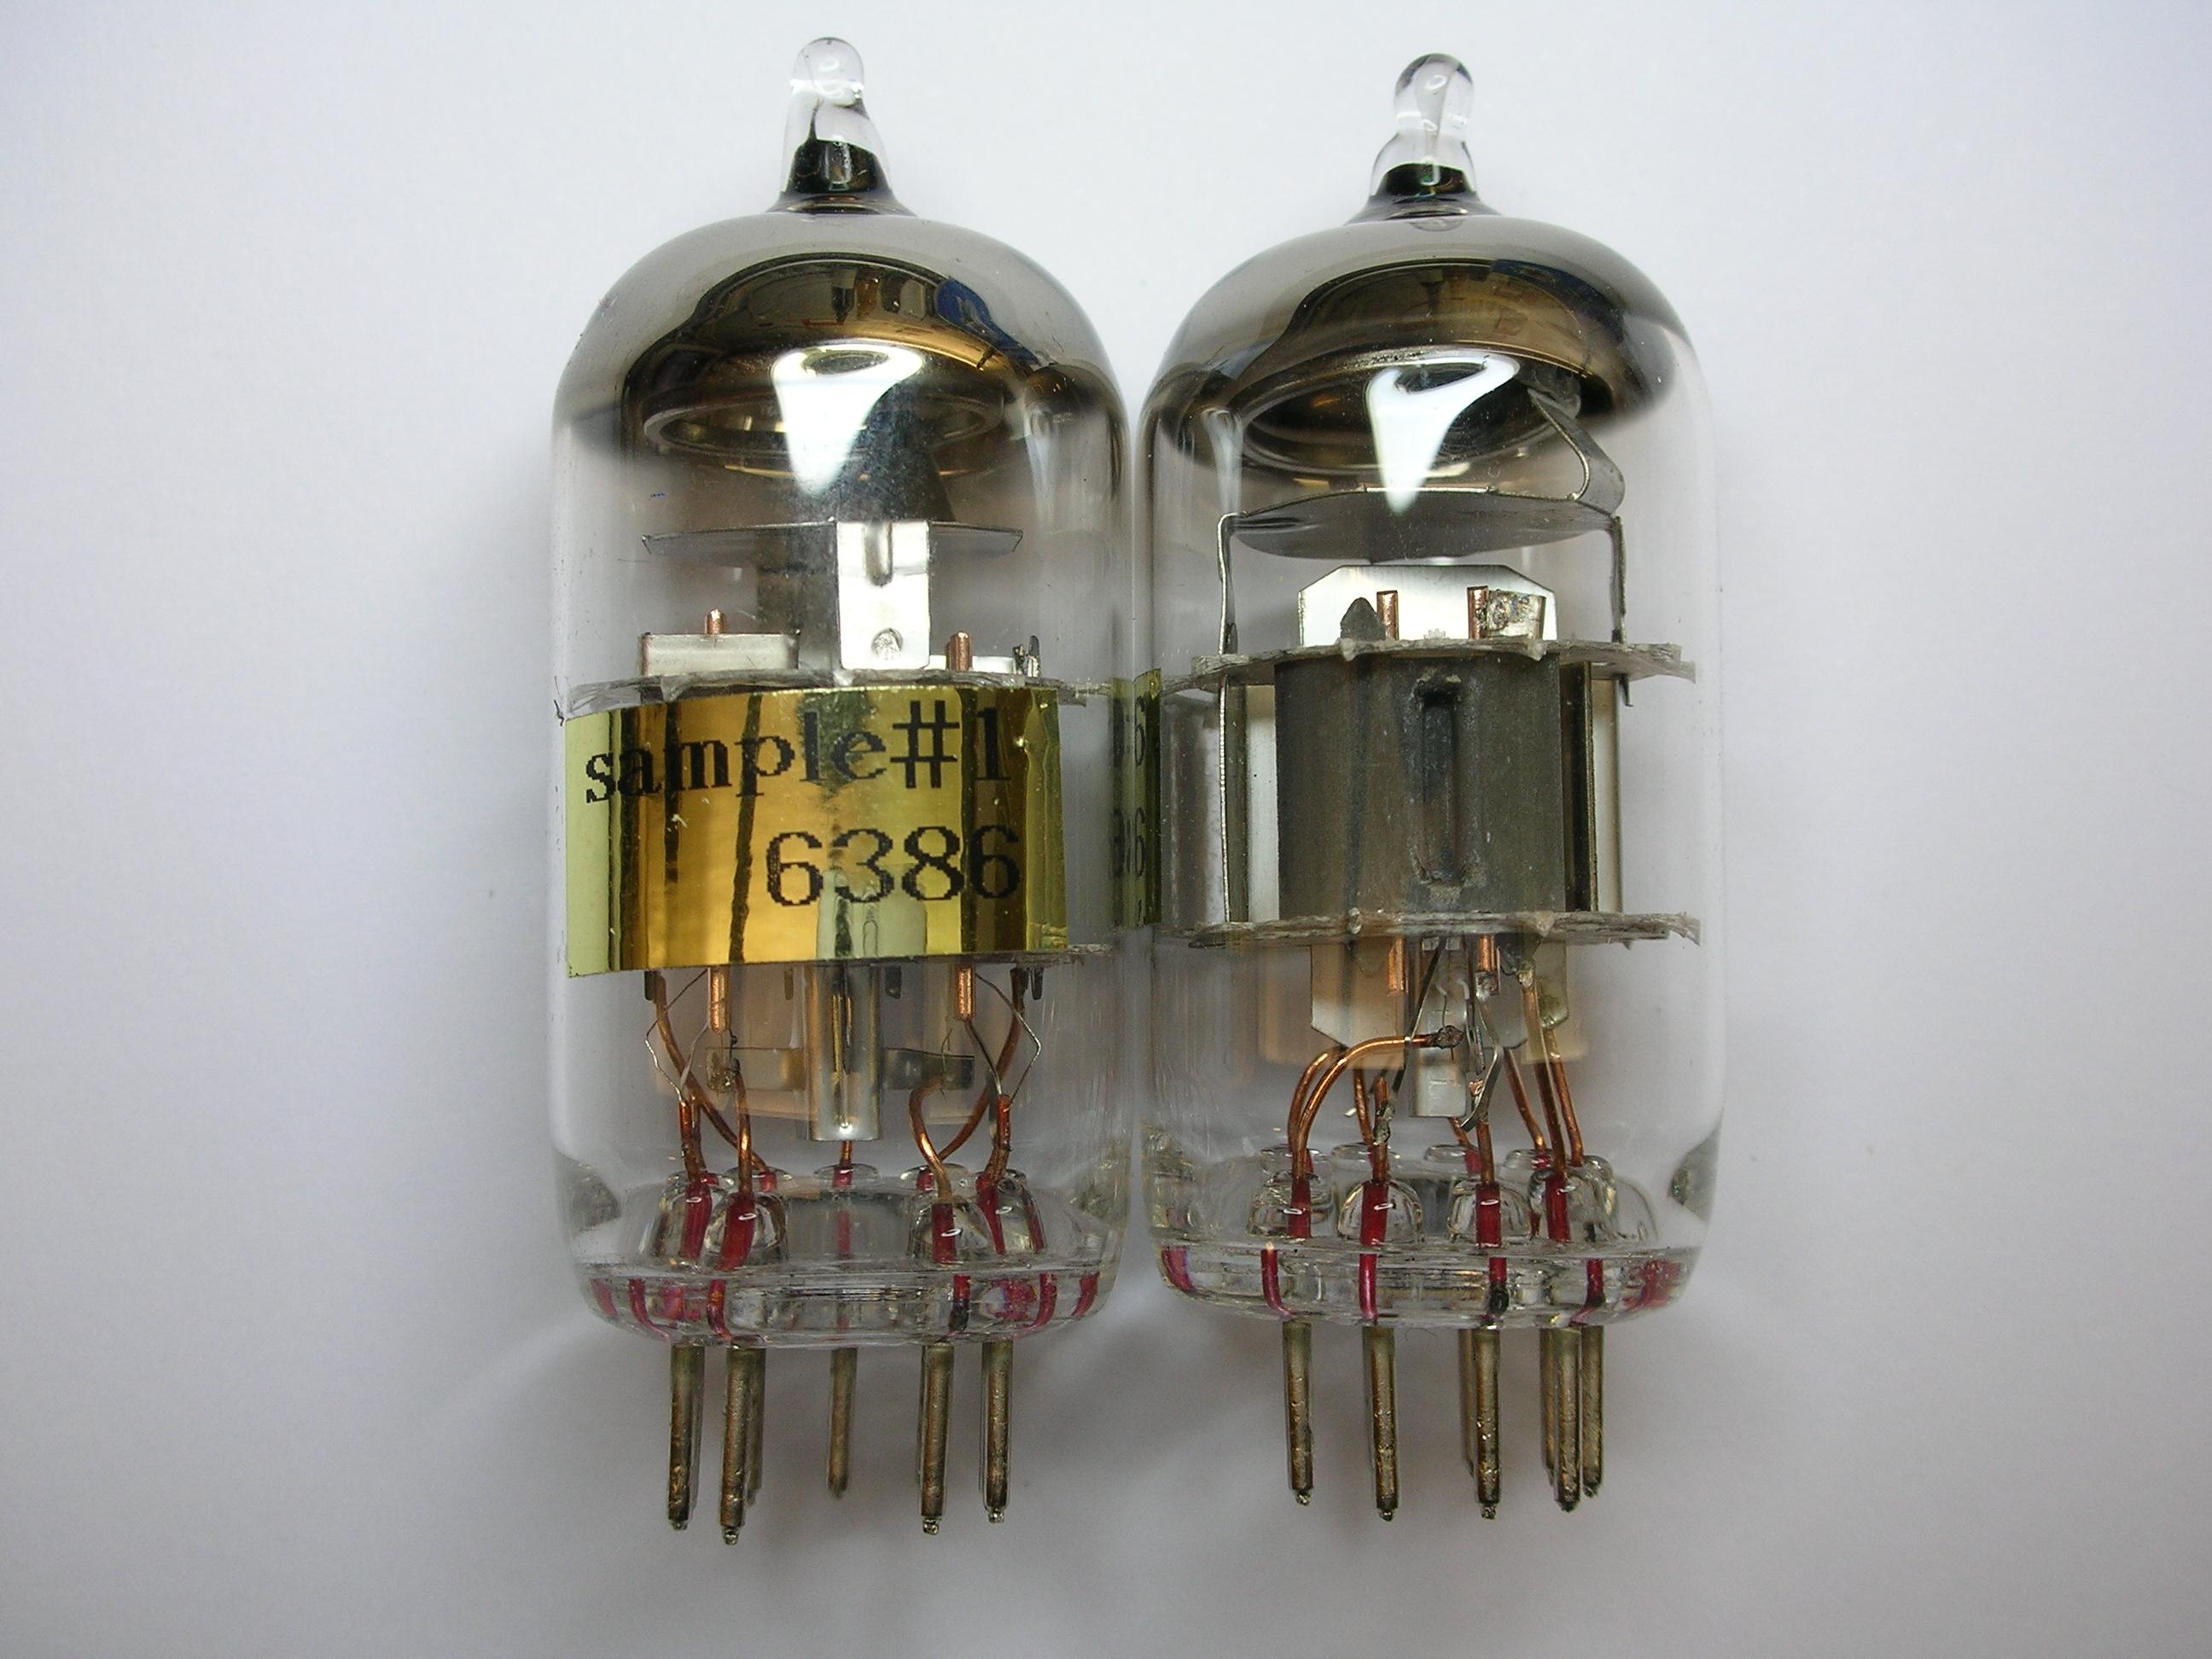 First 6386 development tubes